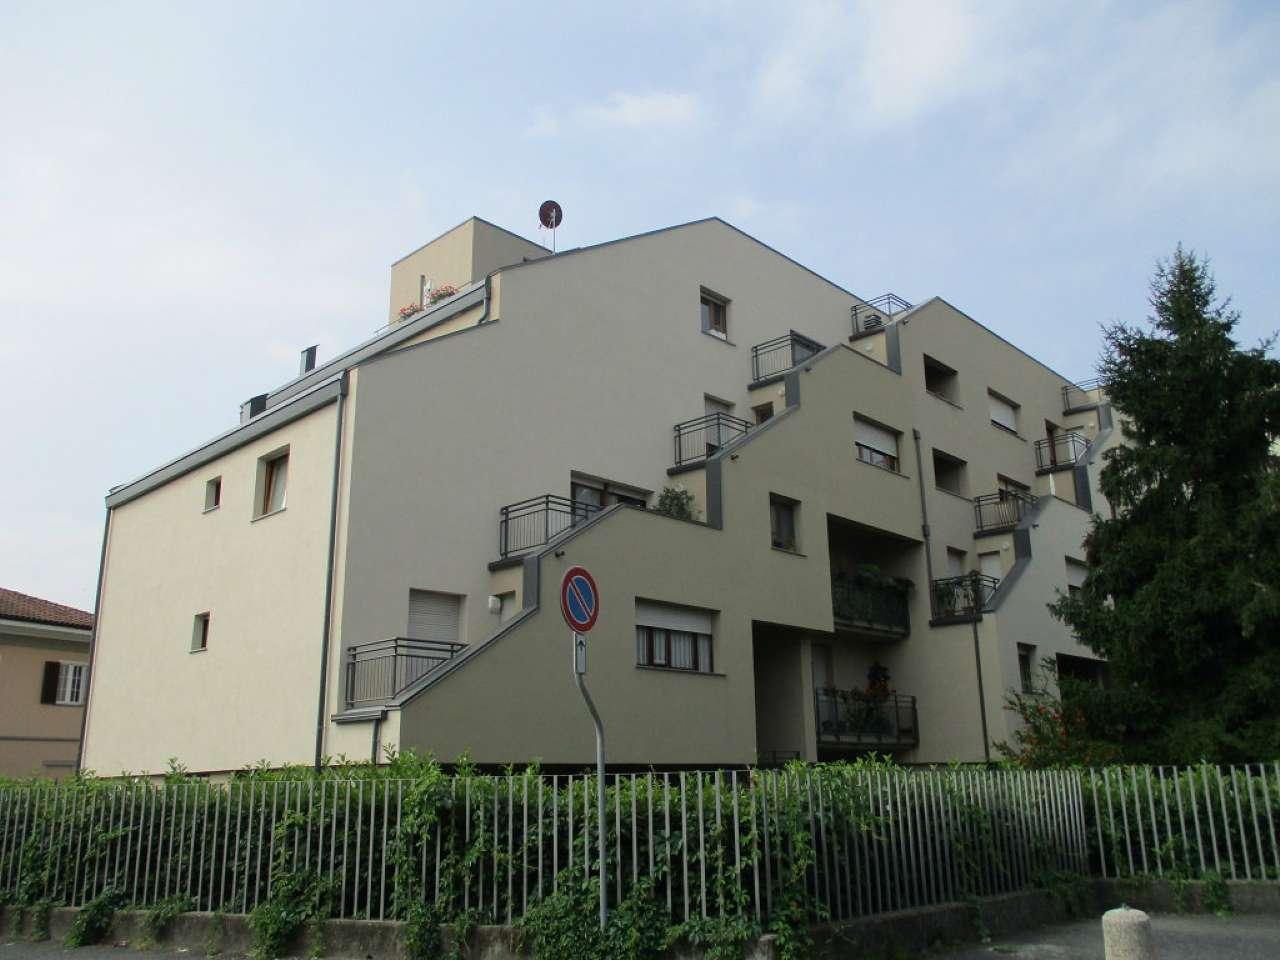 Appartamento in vendita a Savigliano, 4 locali, prezzo € 172.000 | CambioCasa.it